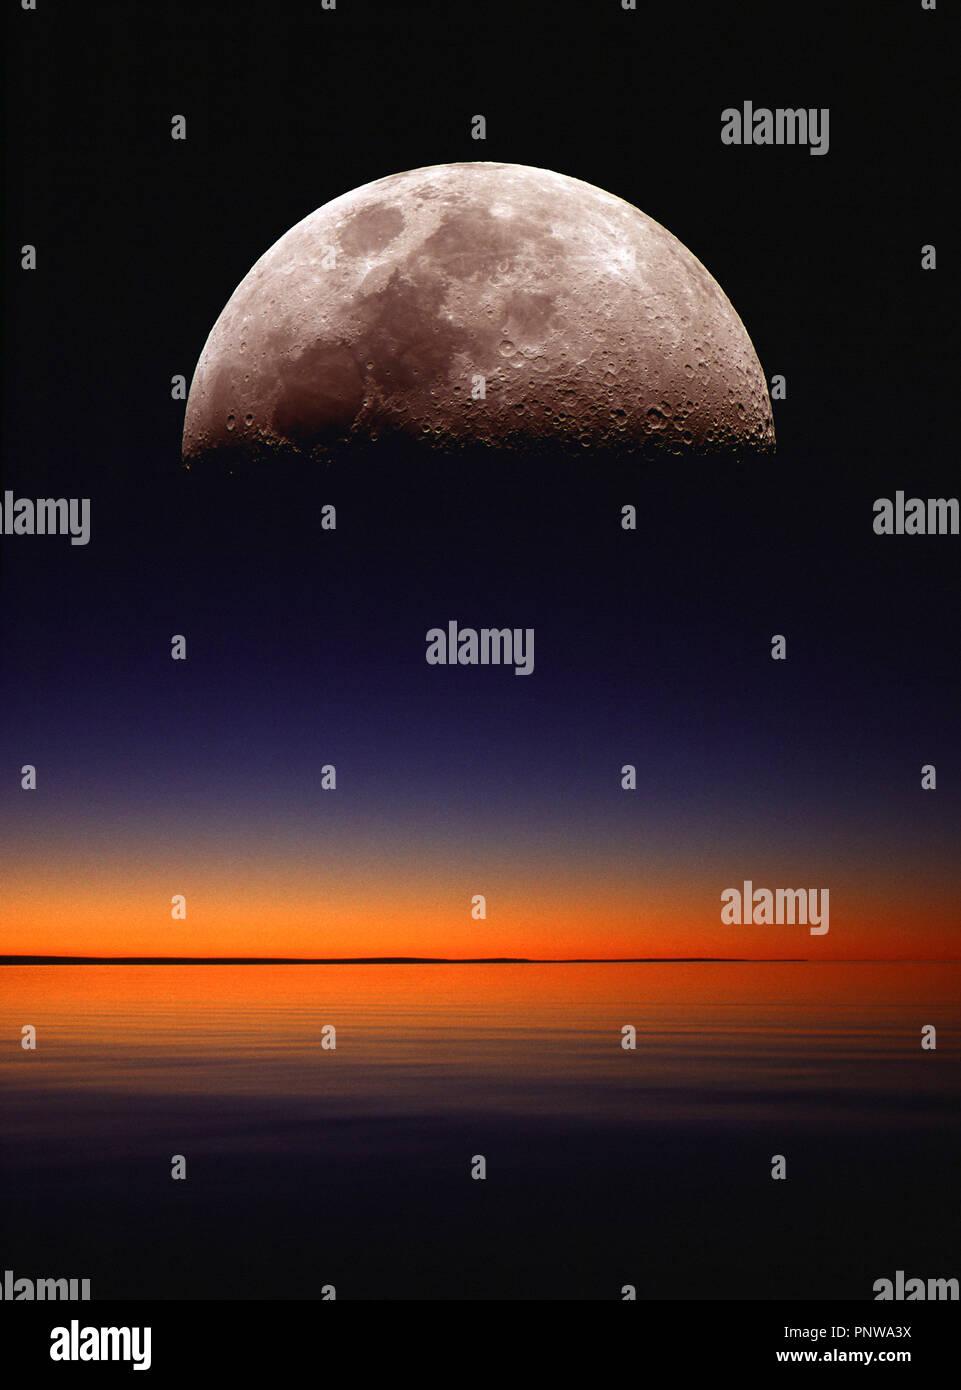 Concept art photographie de la lune se lever au-dessus de l'horizon une marine à l'aube. Photo Stock